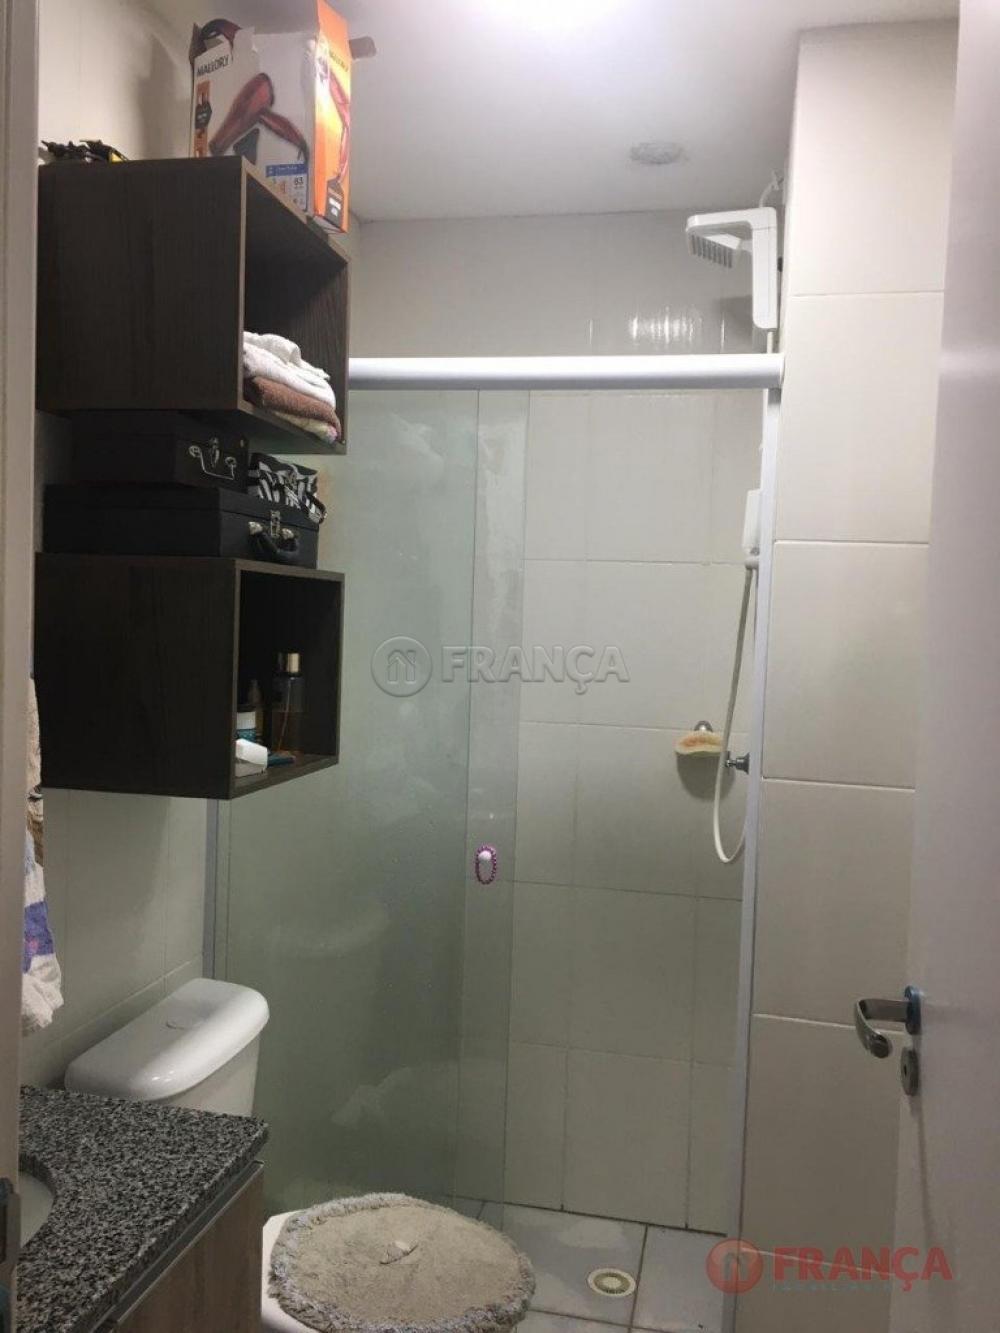 Comprar Apartamento / Padrão em Jacareí R$ 145.000,00 - Foto 6